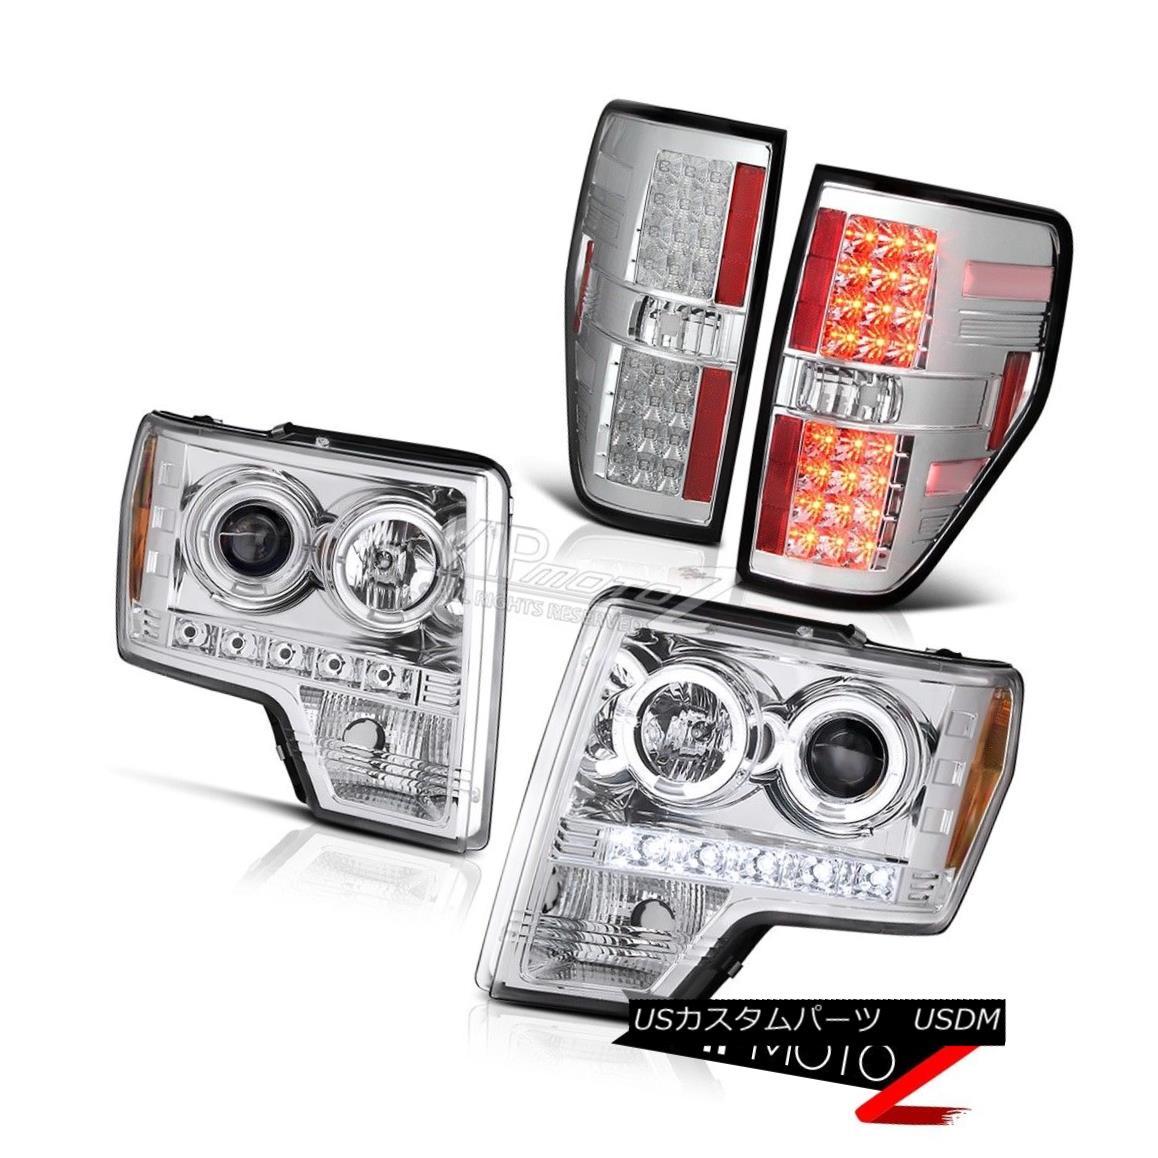 テールライト Ford F150 2009-2014 HaLo Projector Crystal Clear Headlight+Chrome LED Tail Light フォードF150 2009-2014ハロープロジェクタークリスタルクリアヘッドライト+クロ me LEDテールライト